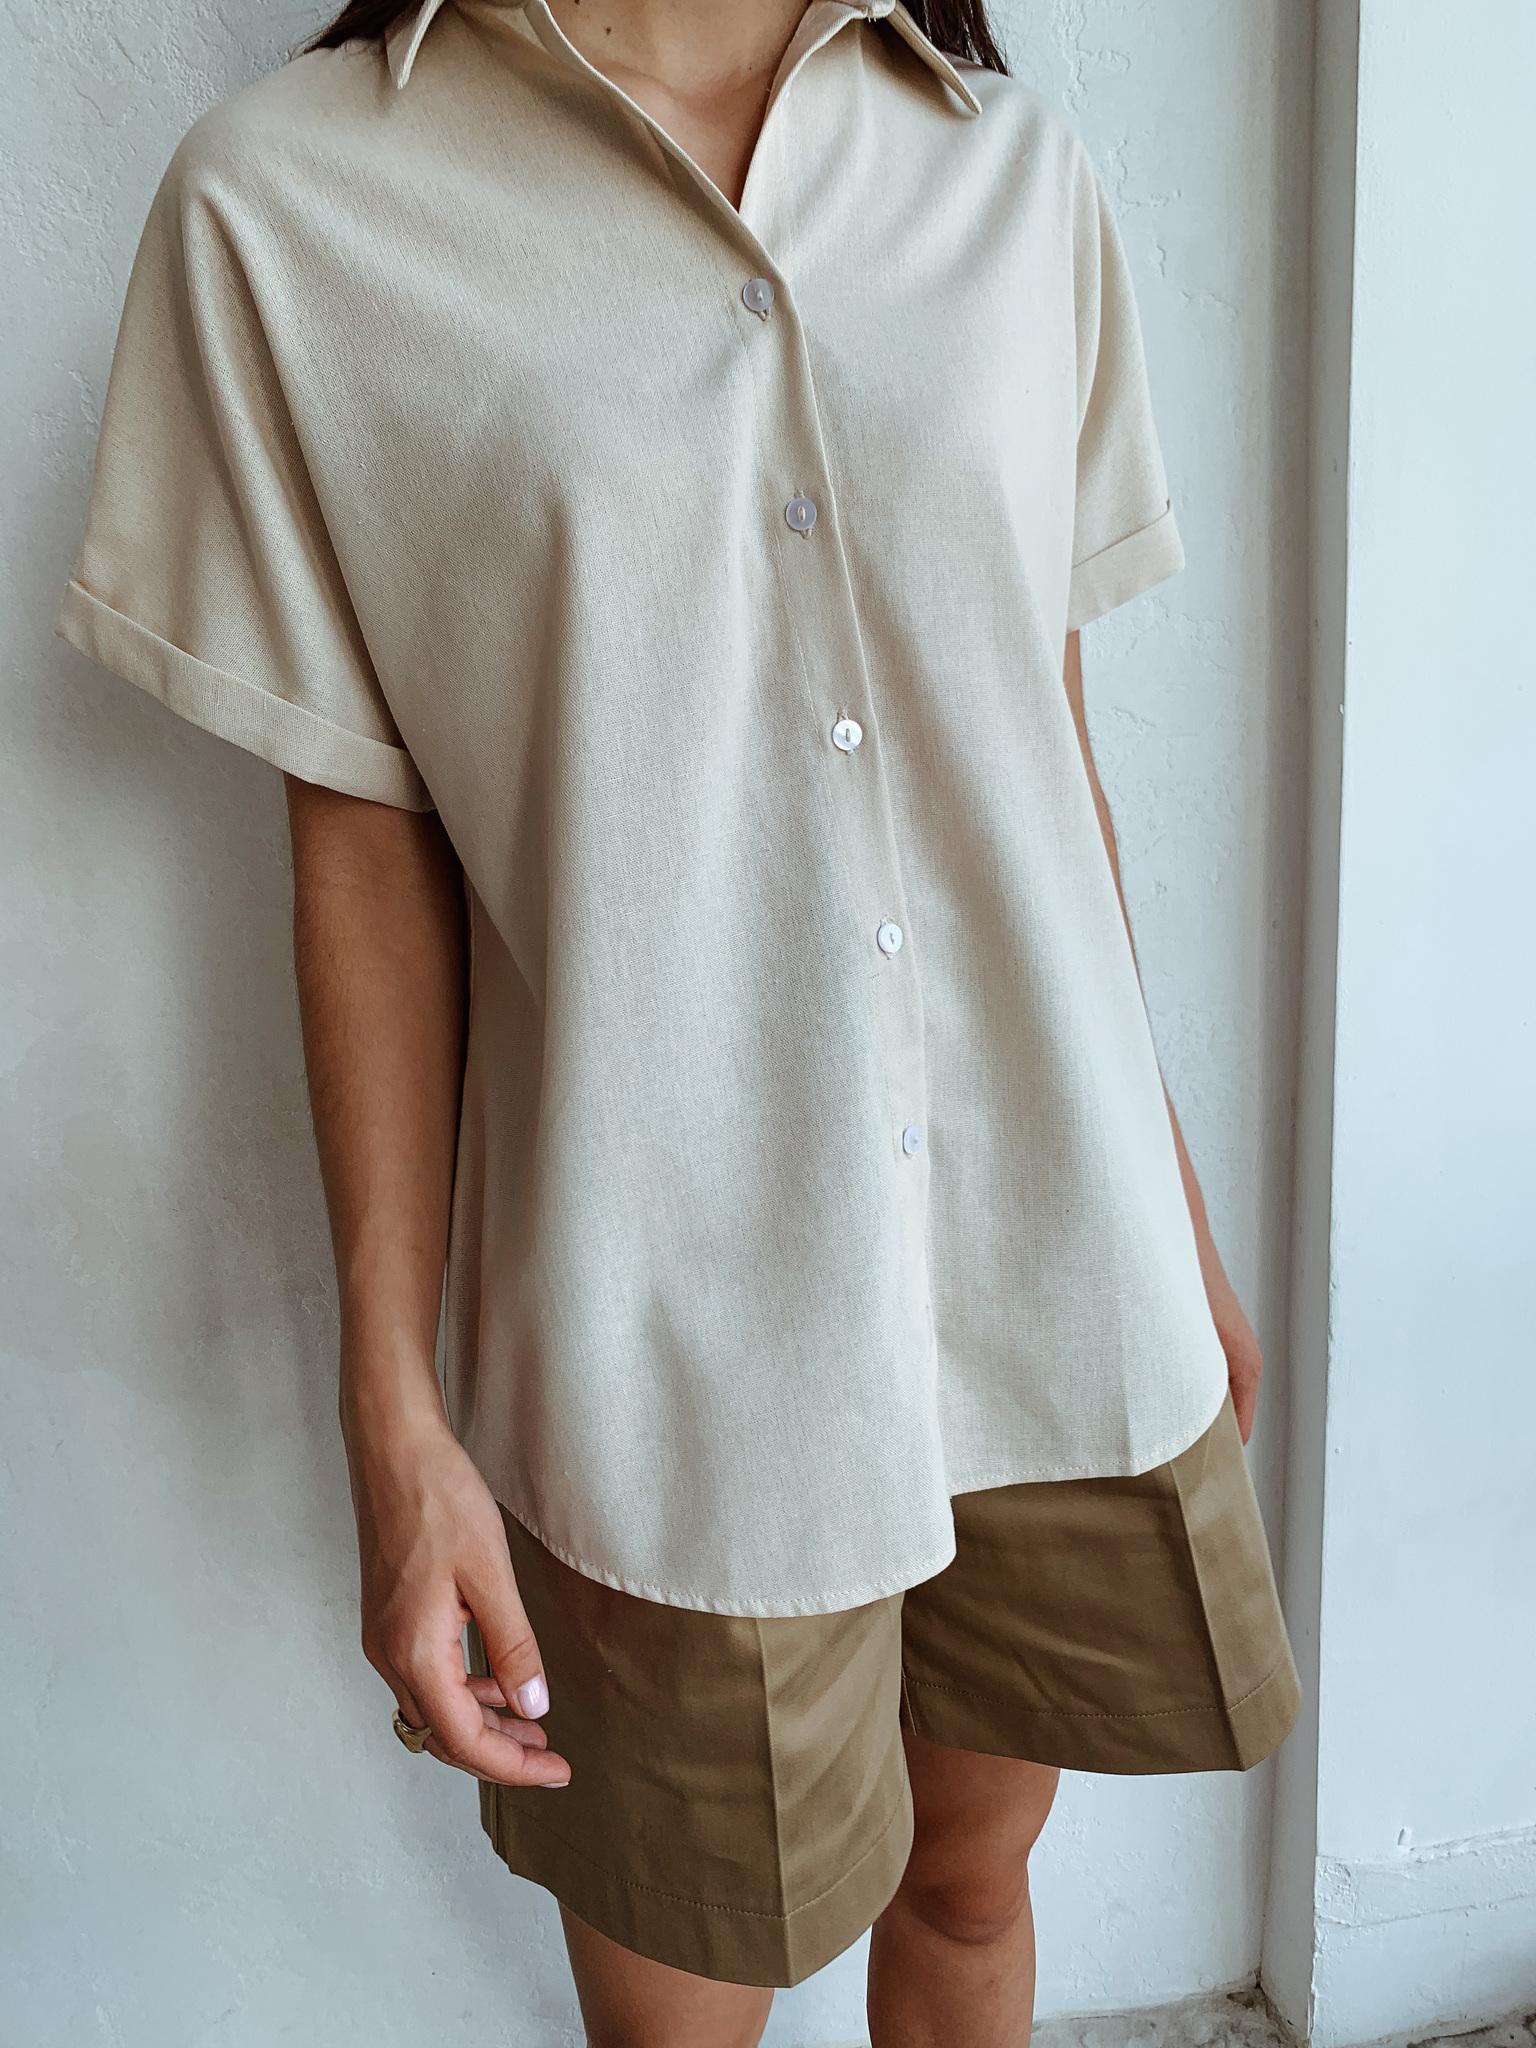 Рубашка свободного кроя с коротким рукавом (лен) (one size) (песочный)